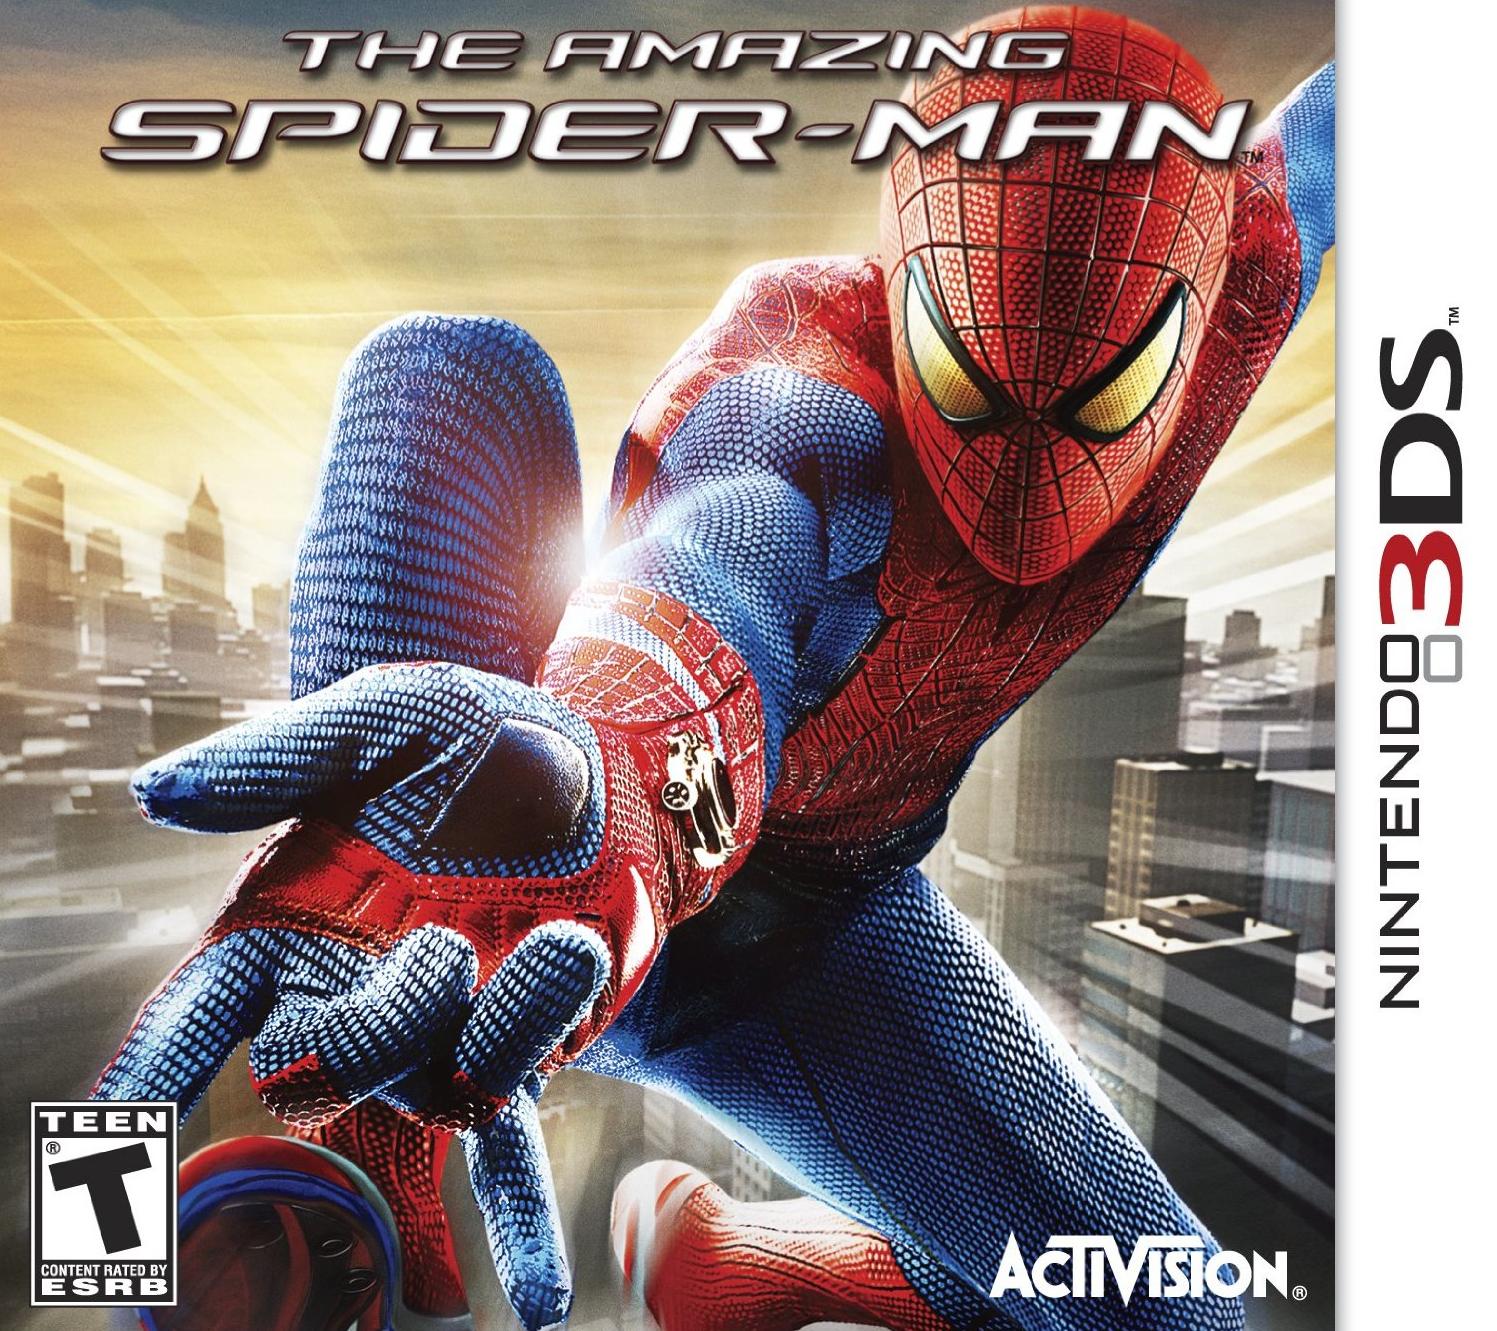 the amazing spider-man (video game) | amazing spider-man wiki